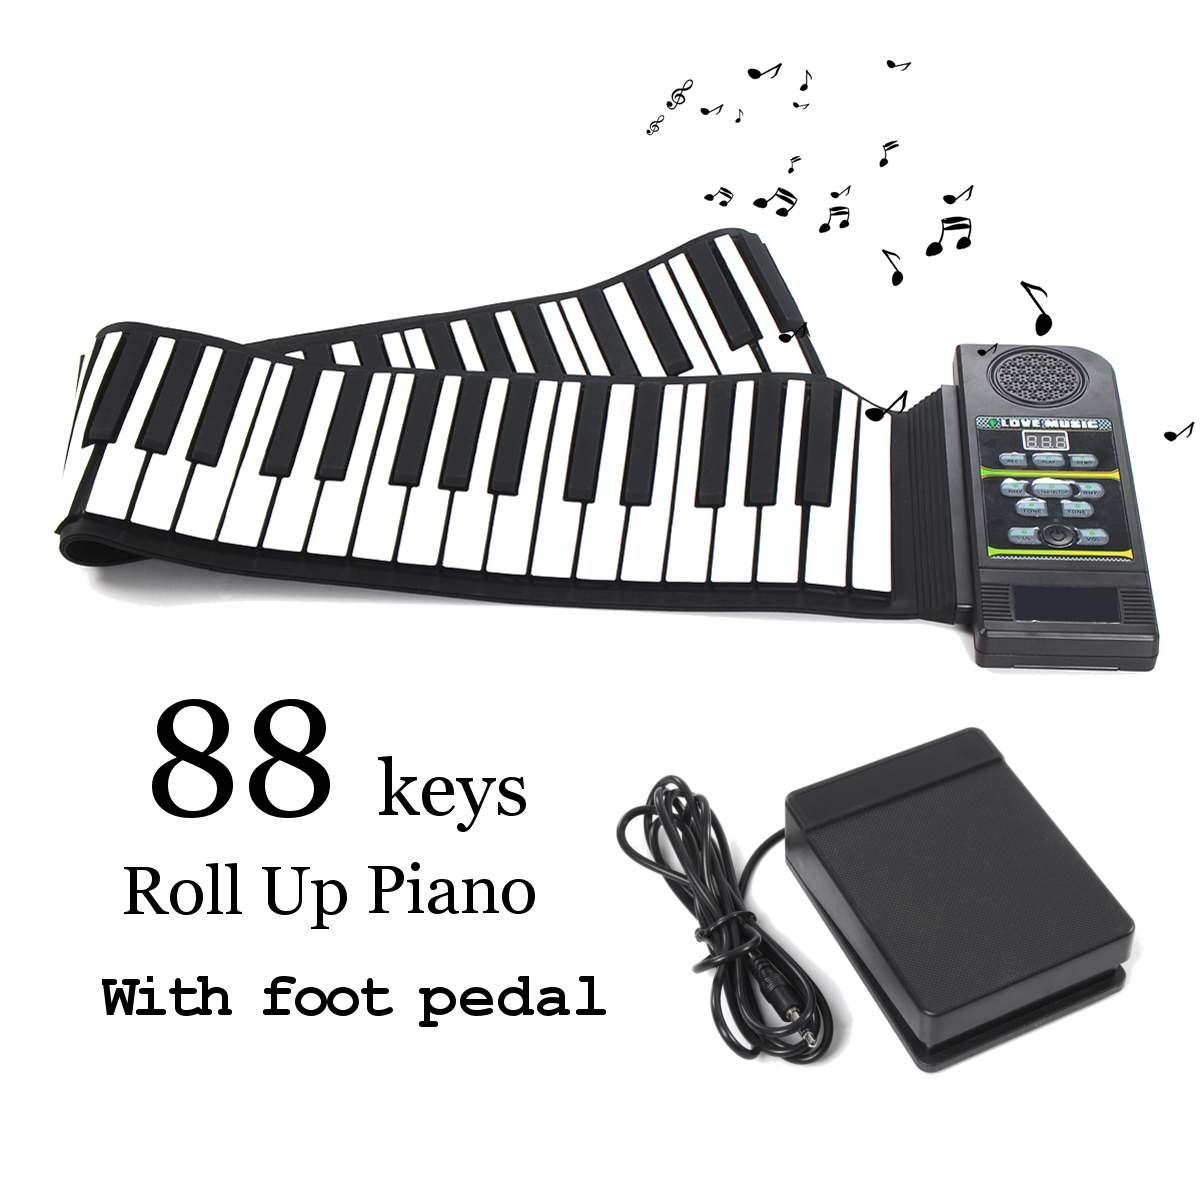 88 Rôle clé De Piano Électronique Souple Clavier Silicon Flexible Piano + Pédale de Sustain MIDI avec Haut-Parleur Enfants D'anniversaire cadeau